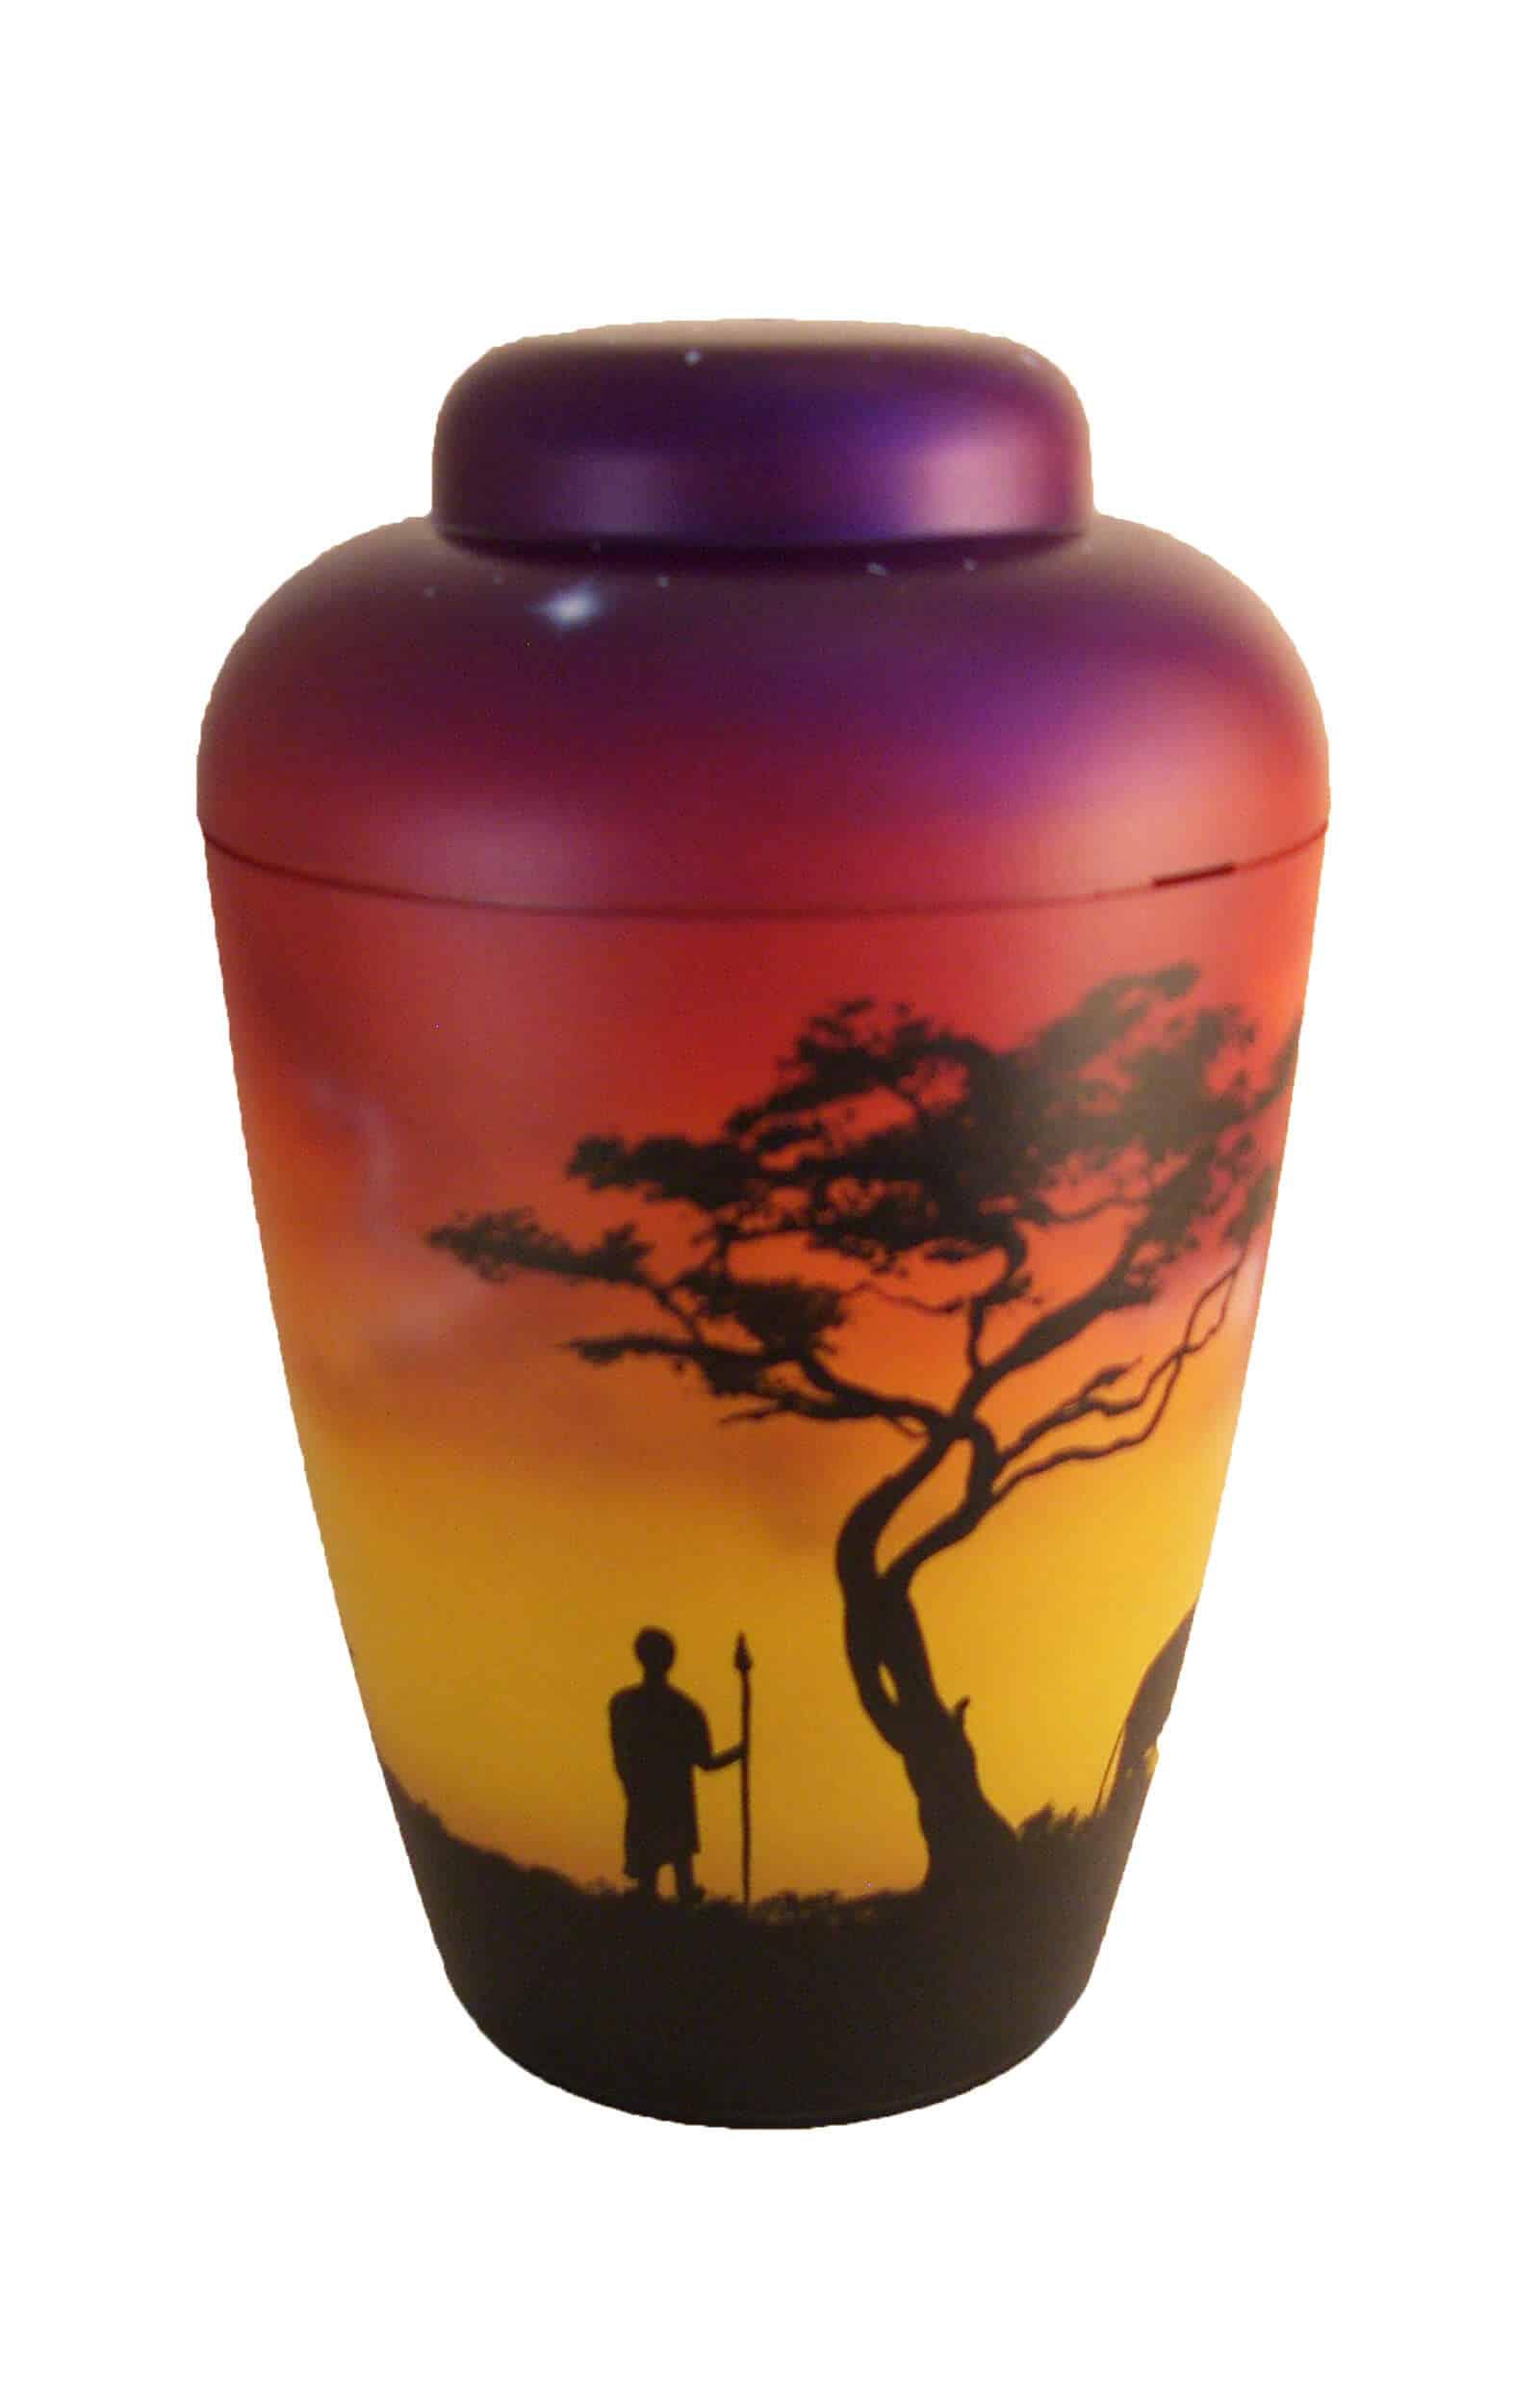 Bio Urne rot Airbrush Afrika Sonnenuntergang Elephant Einzelstück Urne privat kaufen